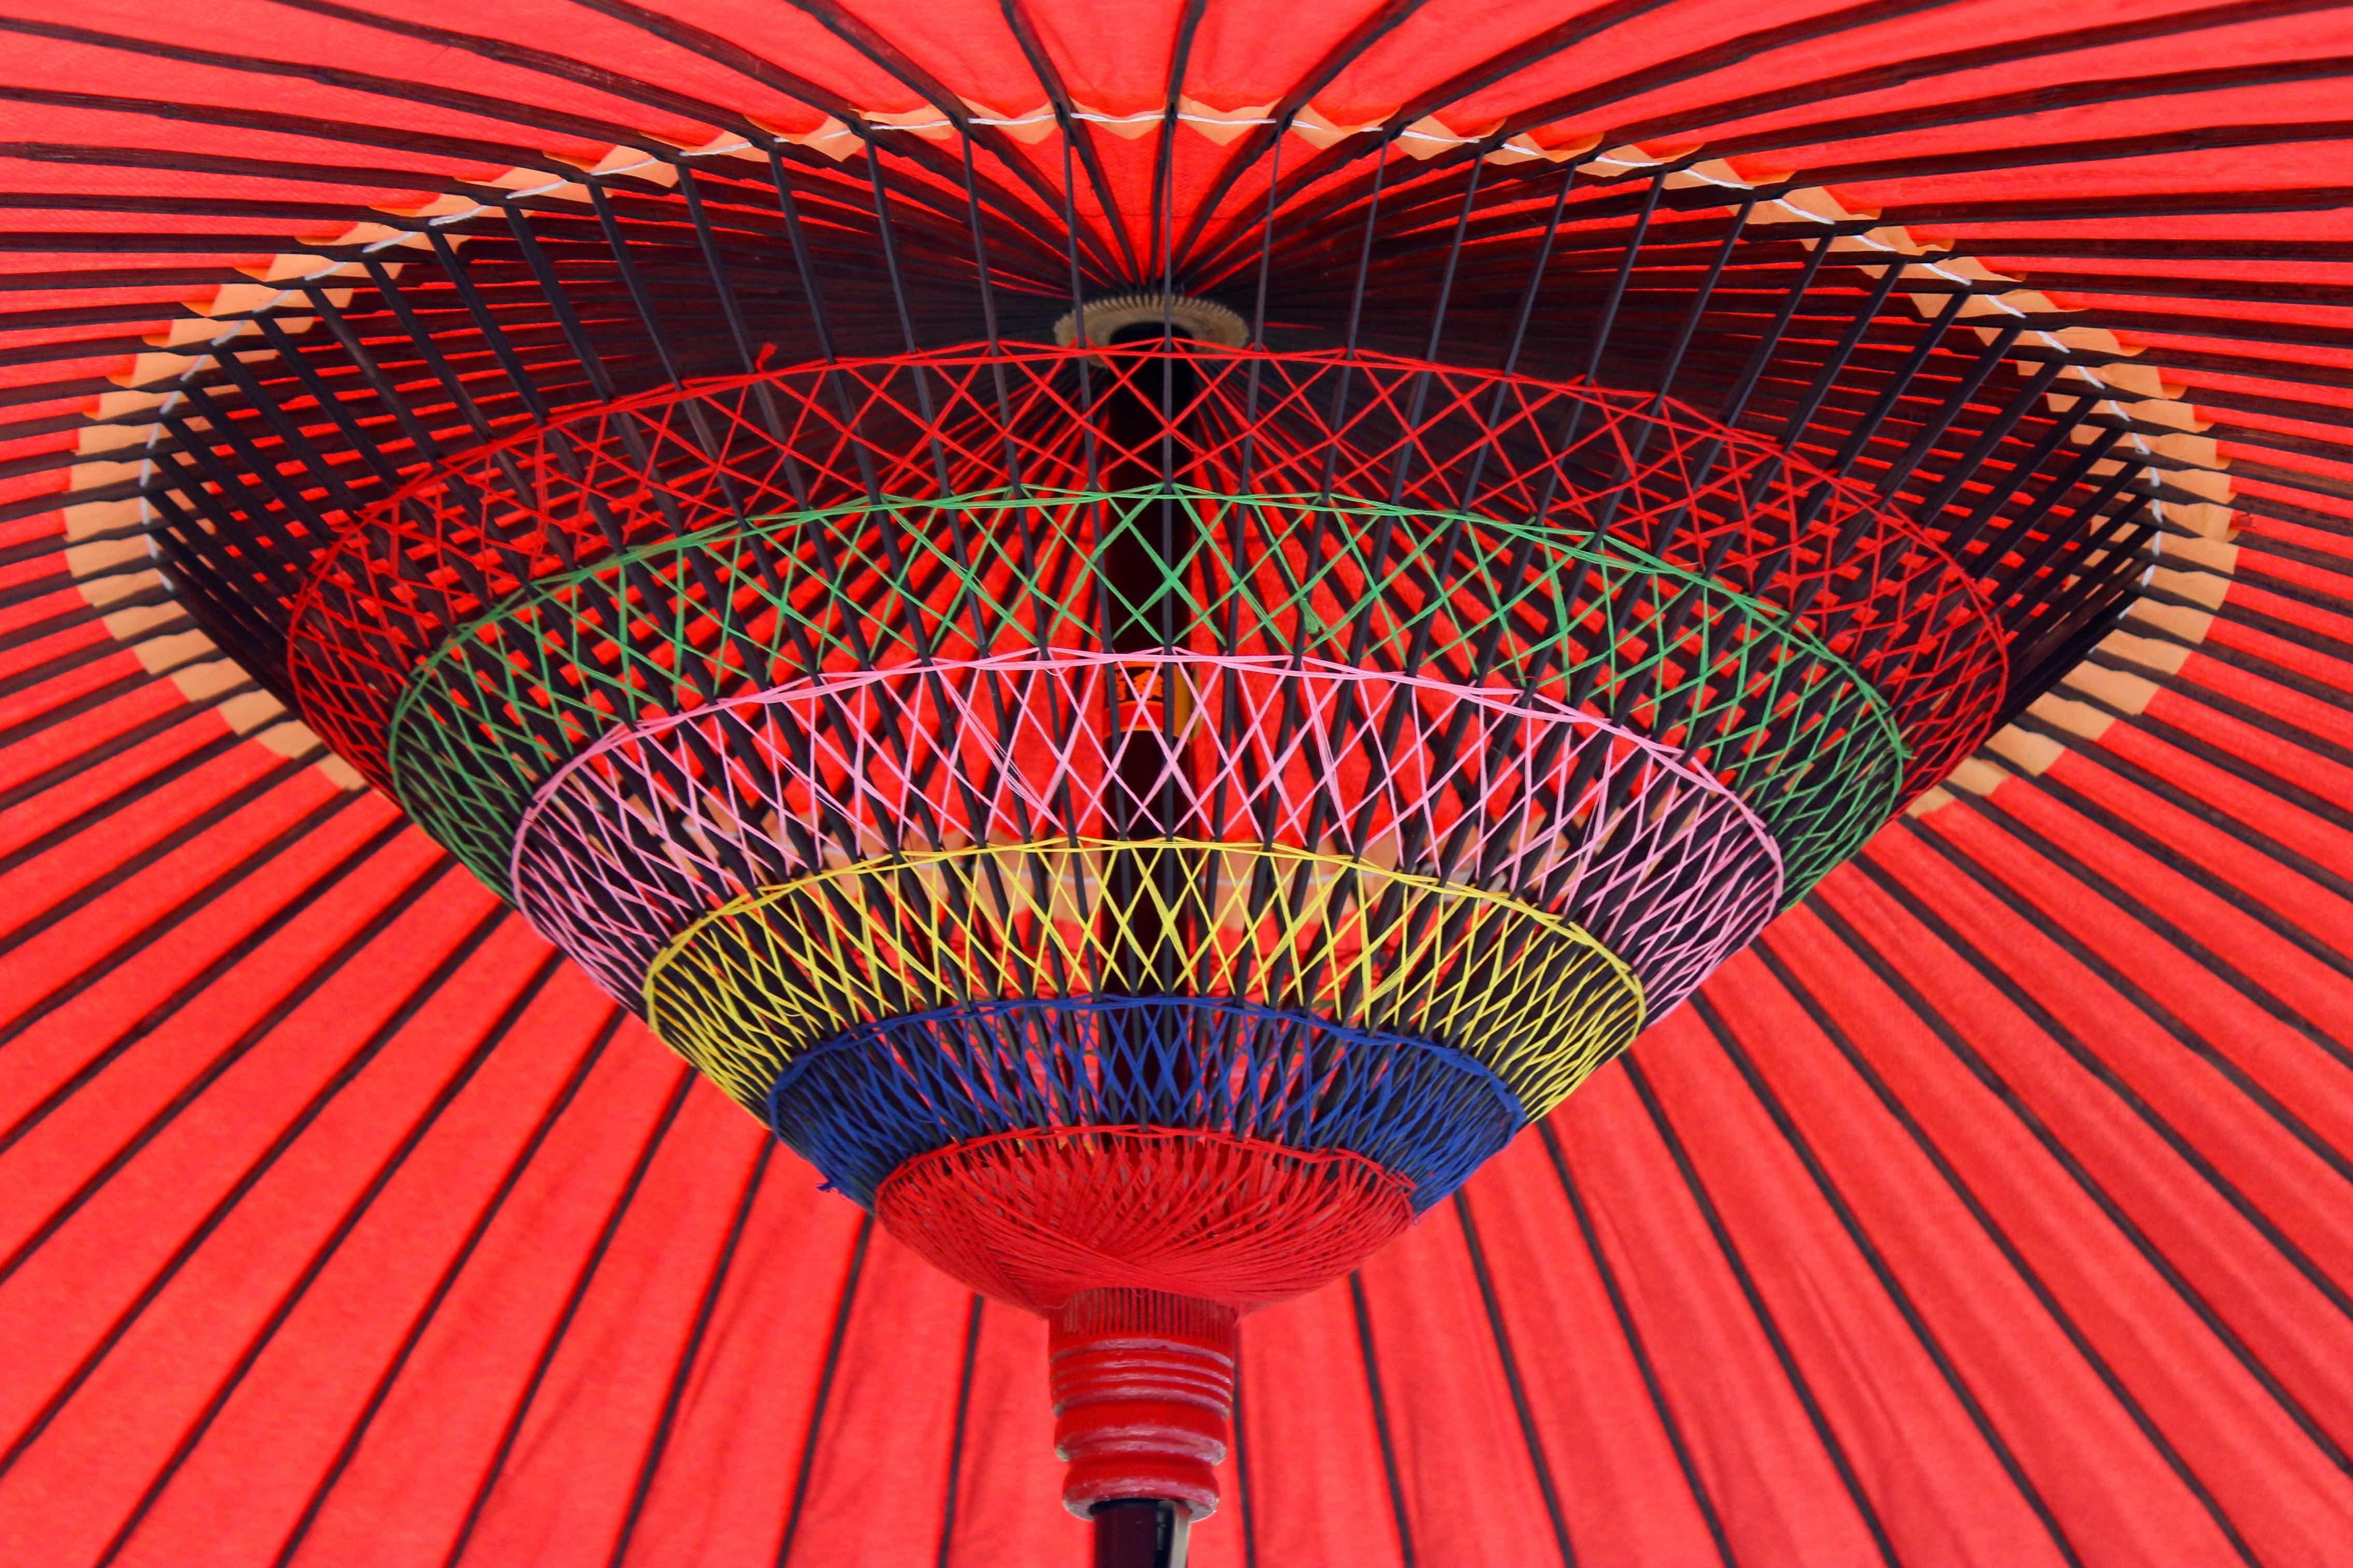 Sombrilla, color, Natalia Pfeifer, Galeria MOA, fotografía, arte, decoración, Japon